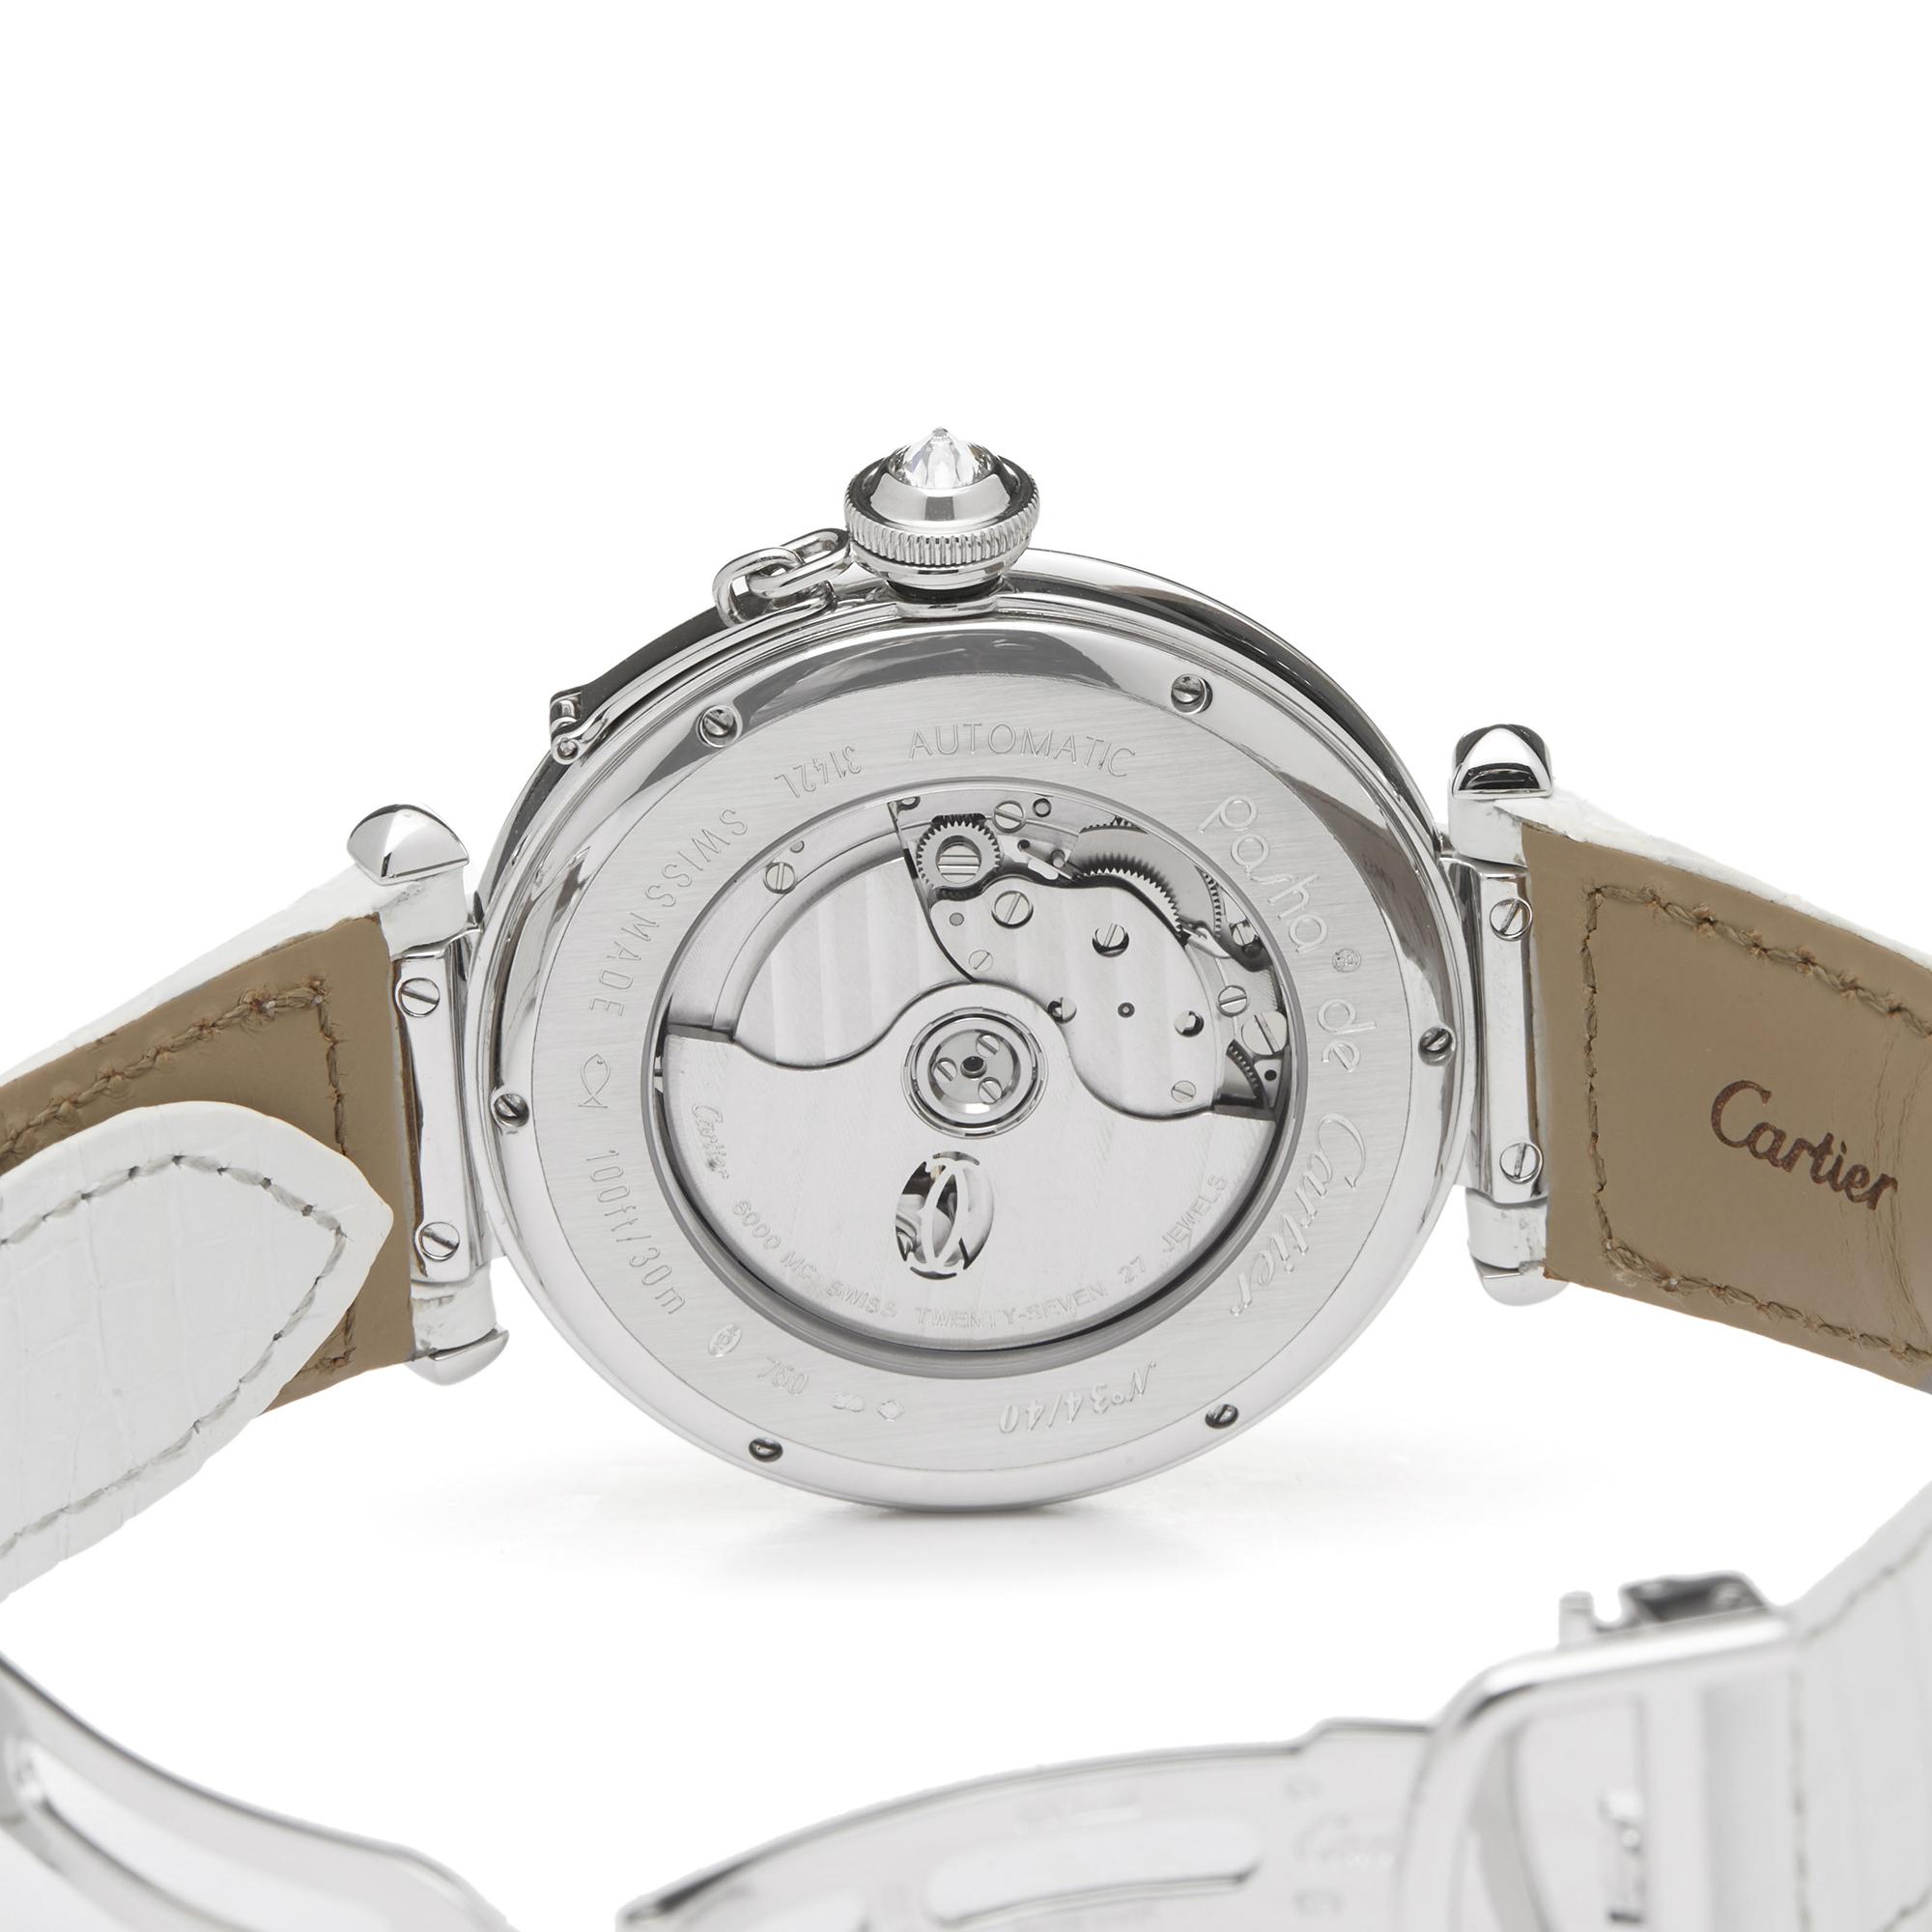 Cartier Pasha de Cartier Enamel Dial 18k White Gold - 3142L - Image 3 of 7